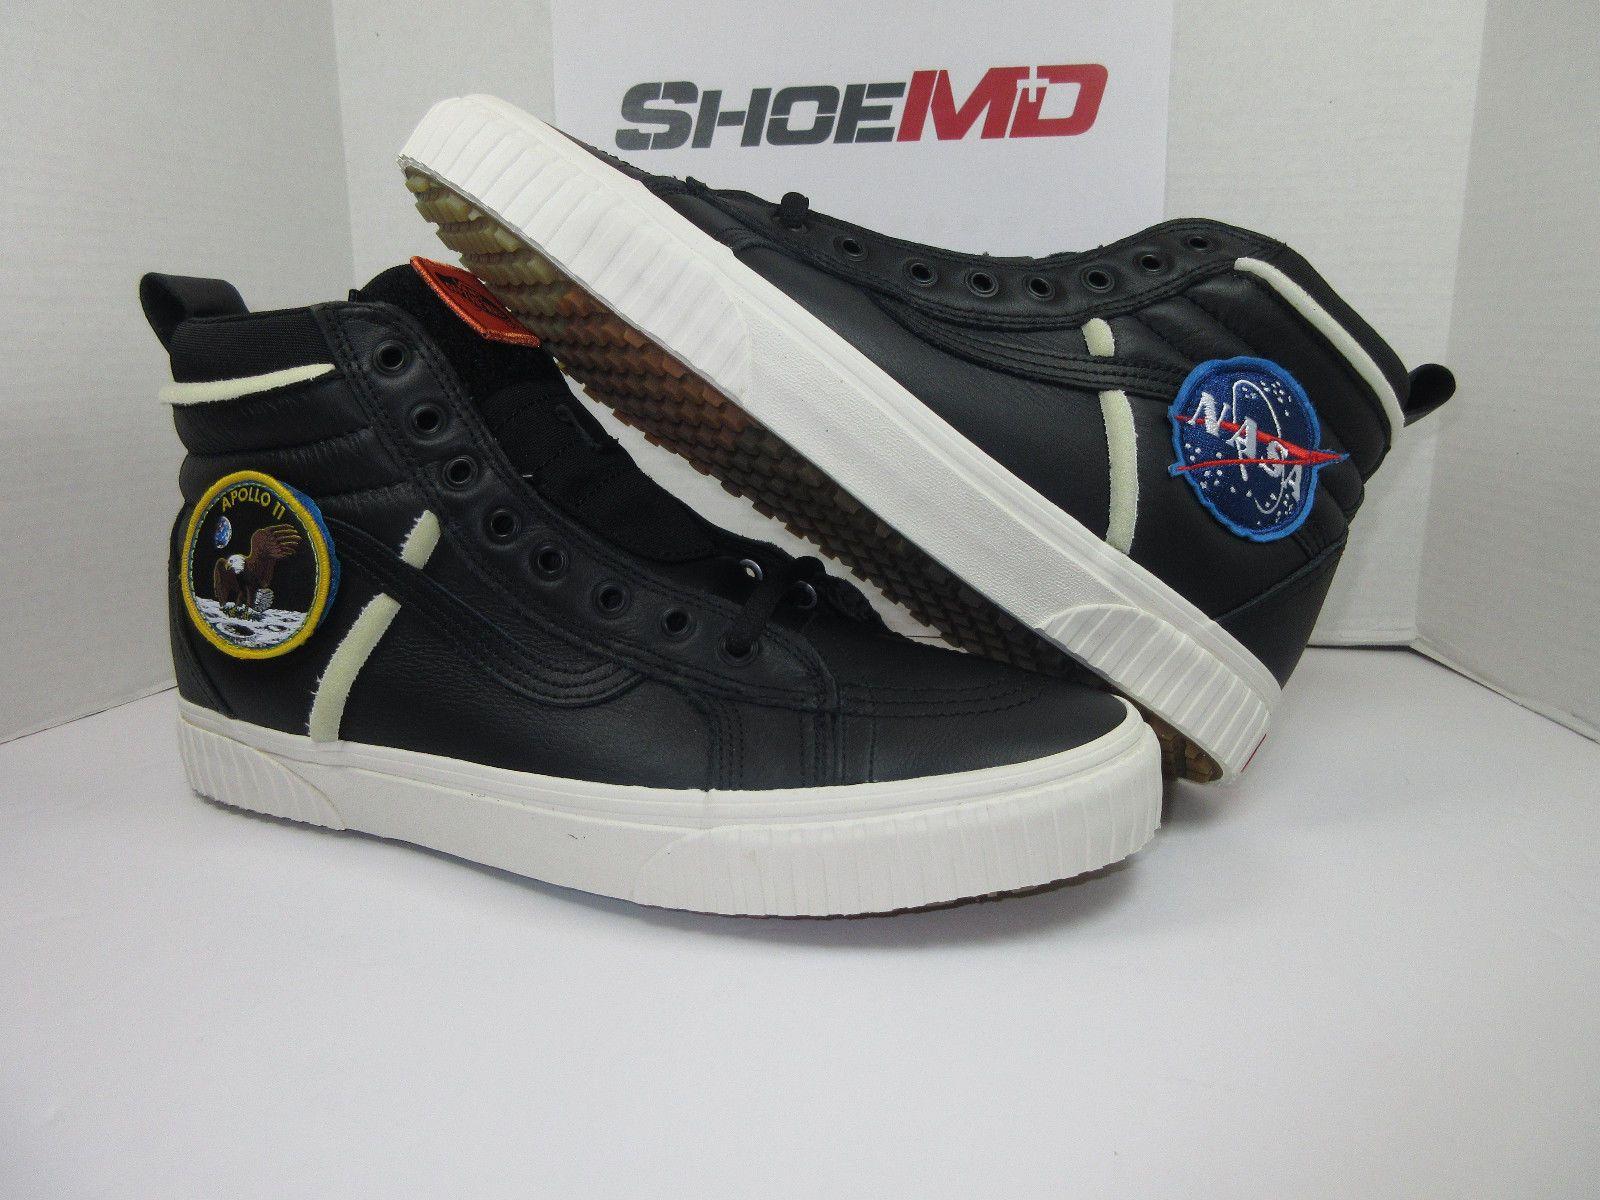 adidas Dame 4 BAPE Ap9974 Sneakersnstuff I Sneakers